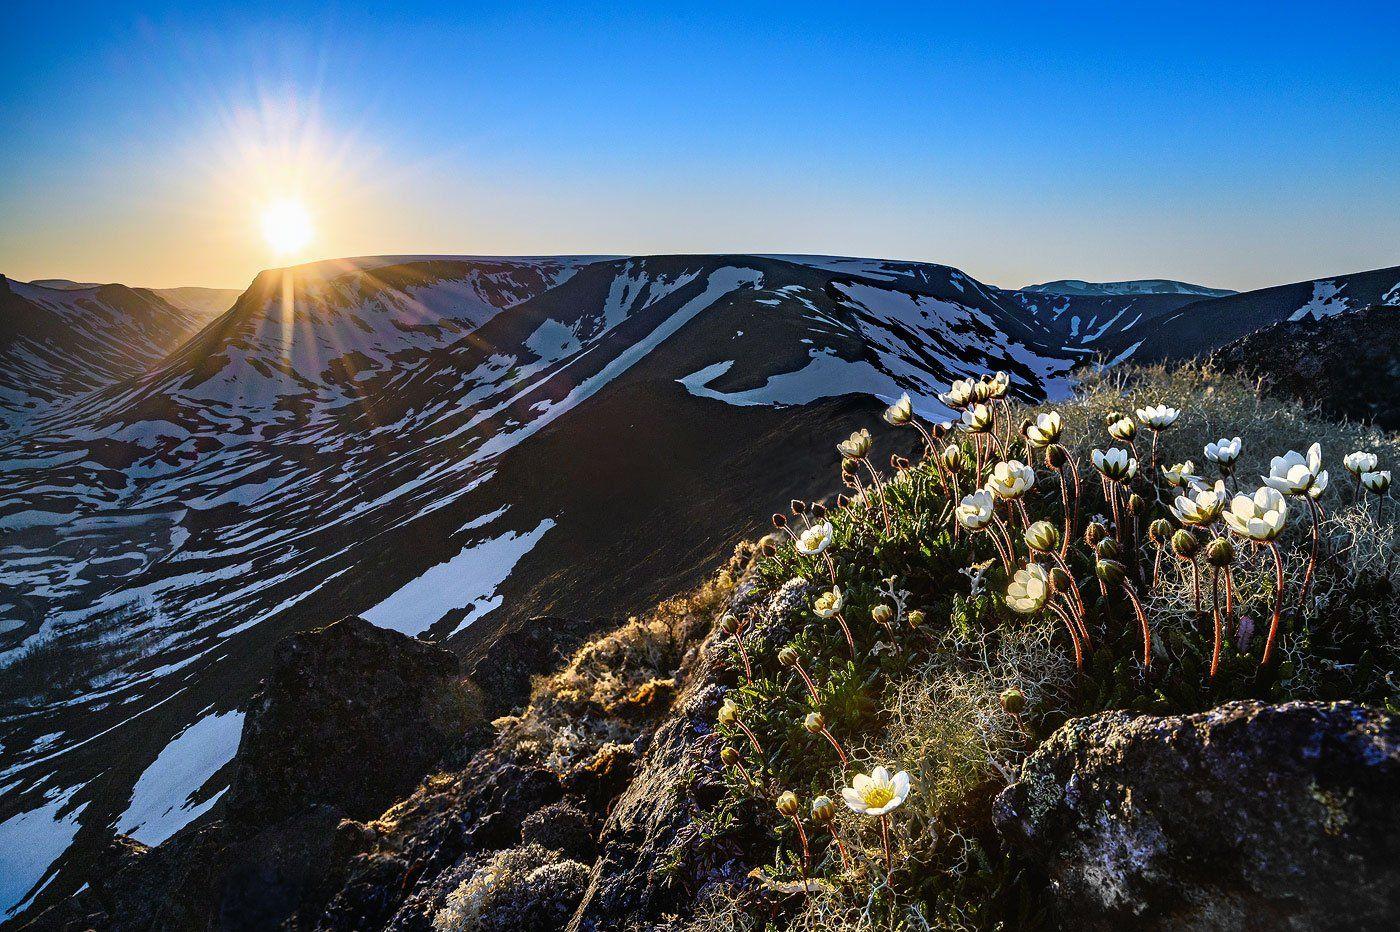 хибины, горы, вершина, лето, солнцестояние, цветы, ночь, полярный день, Григорий Ильин